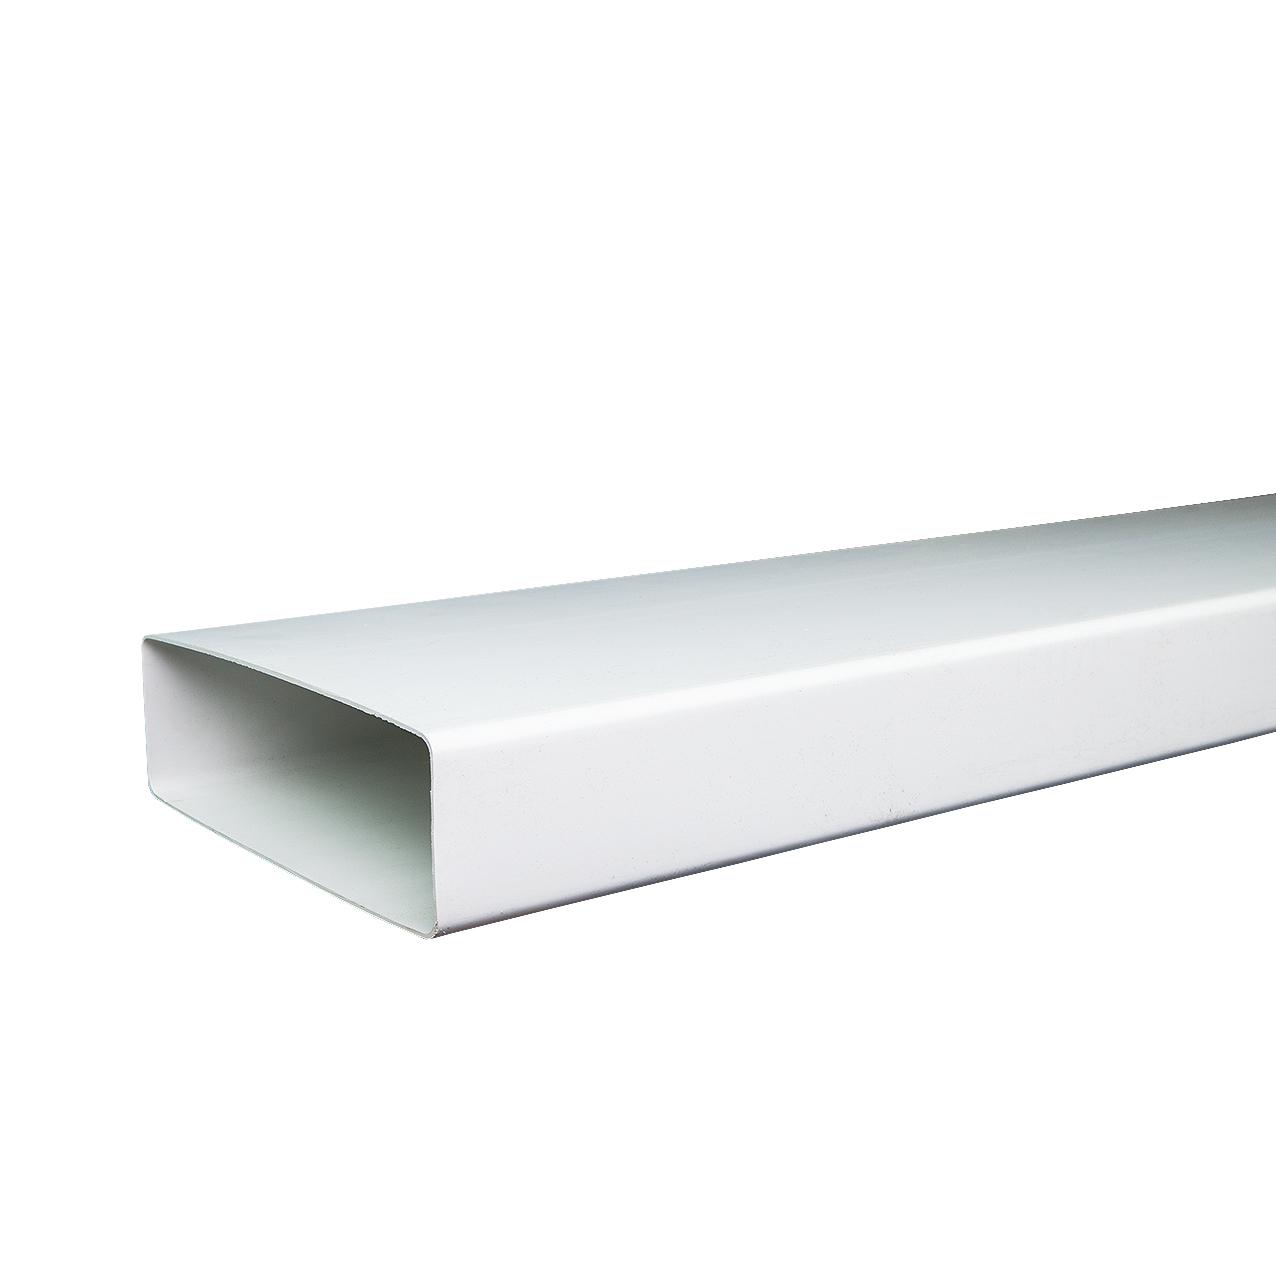 Kanał płaski DOMUS 22x9 cm /1 m kod 910 - Największy wybór - 28 dni na zwrot - Pomoc: +48 13 49 27 557